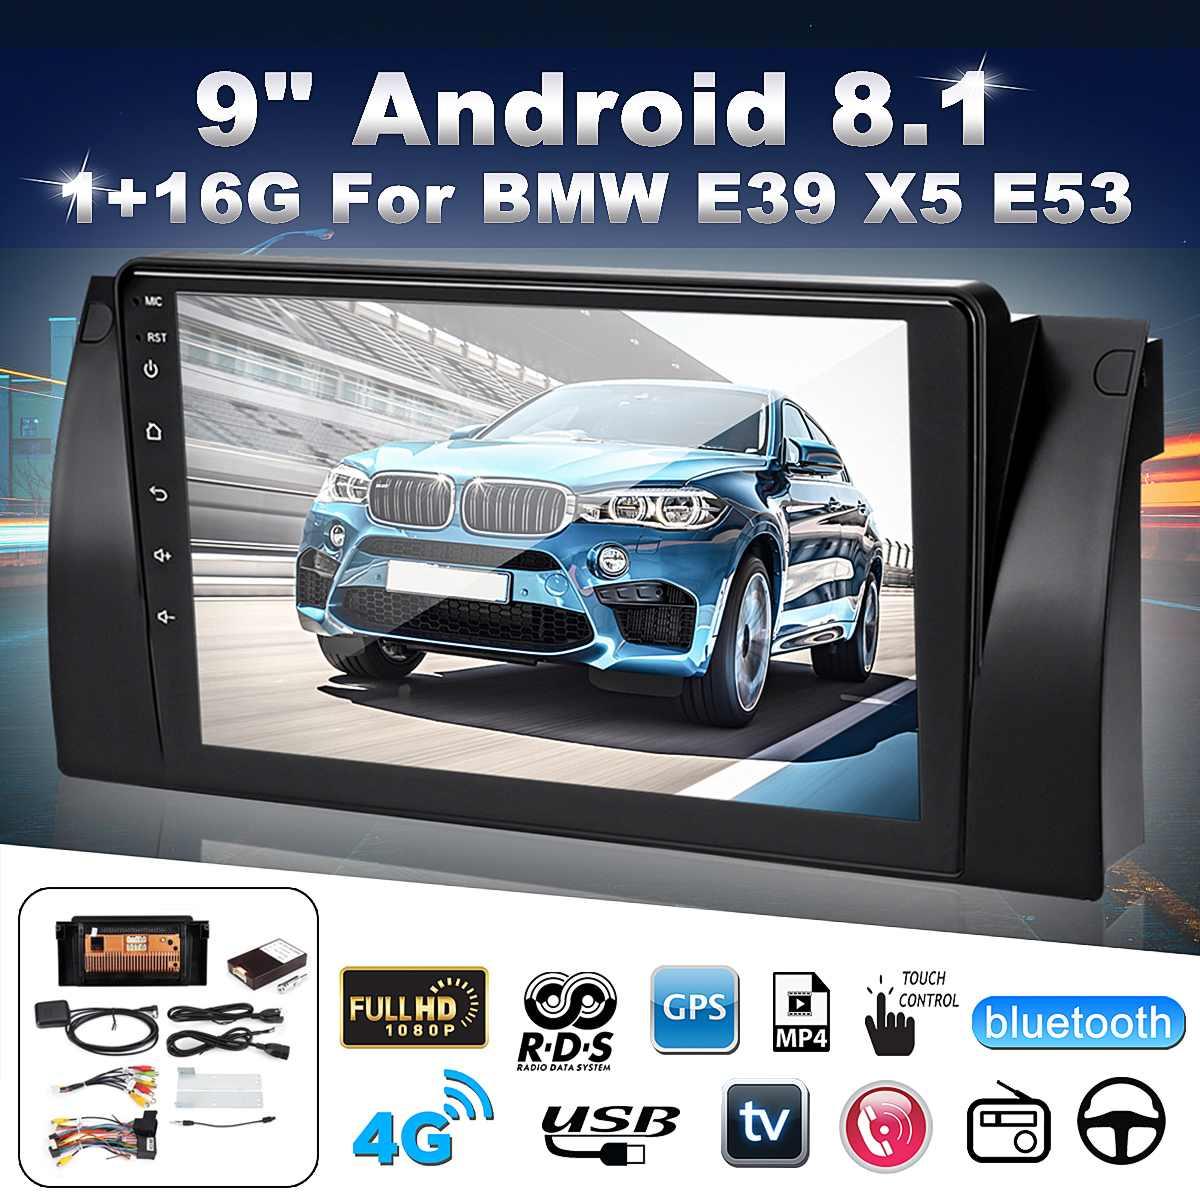 9 pouces lecteur multimédia de voiture Android 8.1 voiture Dash vidéo GPS stéréo Radio Wifi 16G 1024x600 pour BMW E38 E39 E53 X5